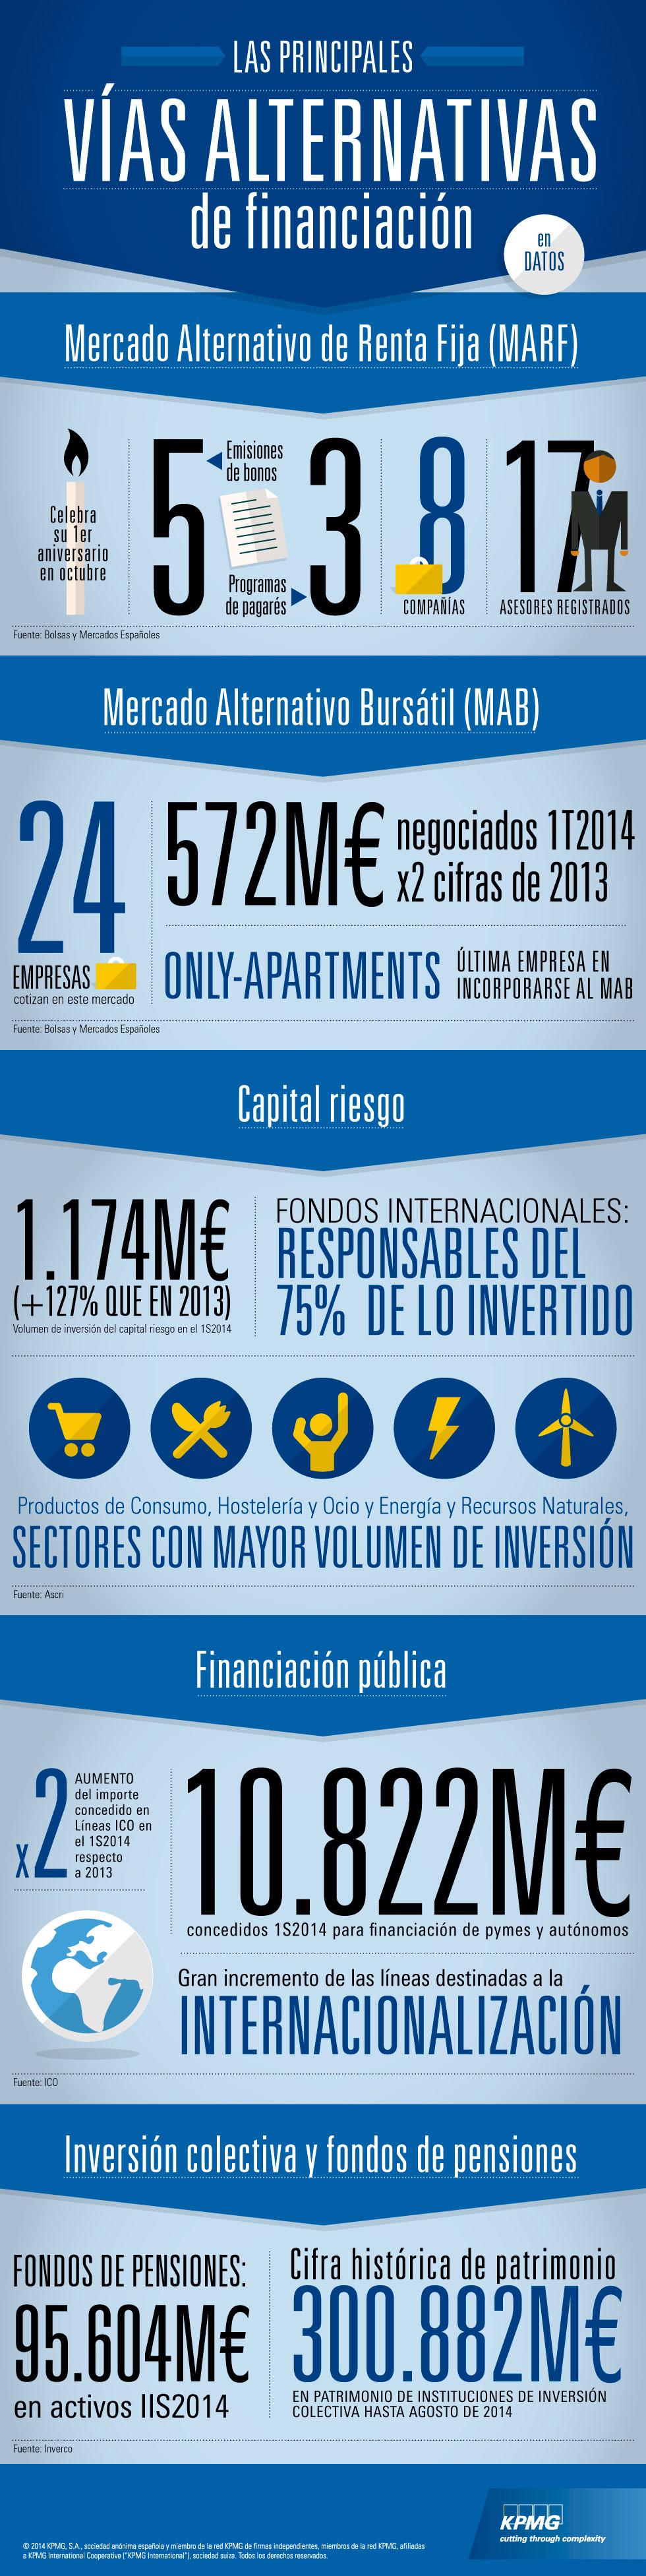 Infografía: Las principales vías alternativas de financiación, en datos